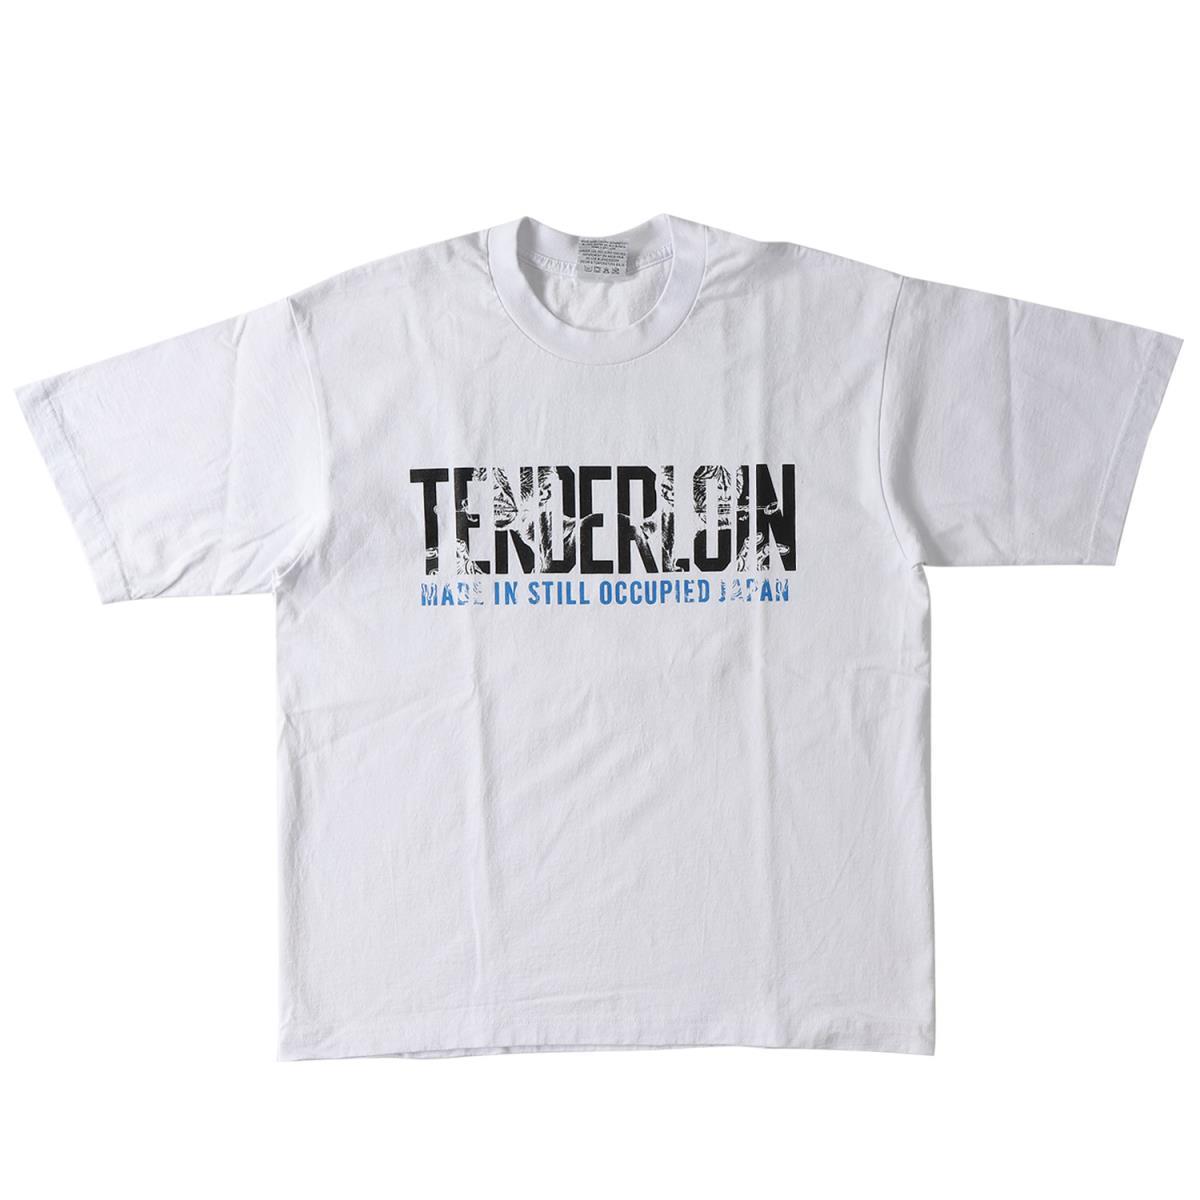 TENDERLOIN (テンダーロイン) 18S/S モンスターブランドロゴヘビーTシャツ(T-TEE QB) ホワイト L 【メンズ】【美品】【K2056】【中古】【あす楽☆対応可】